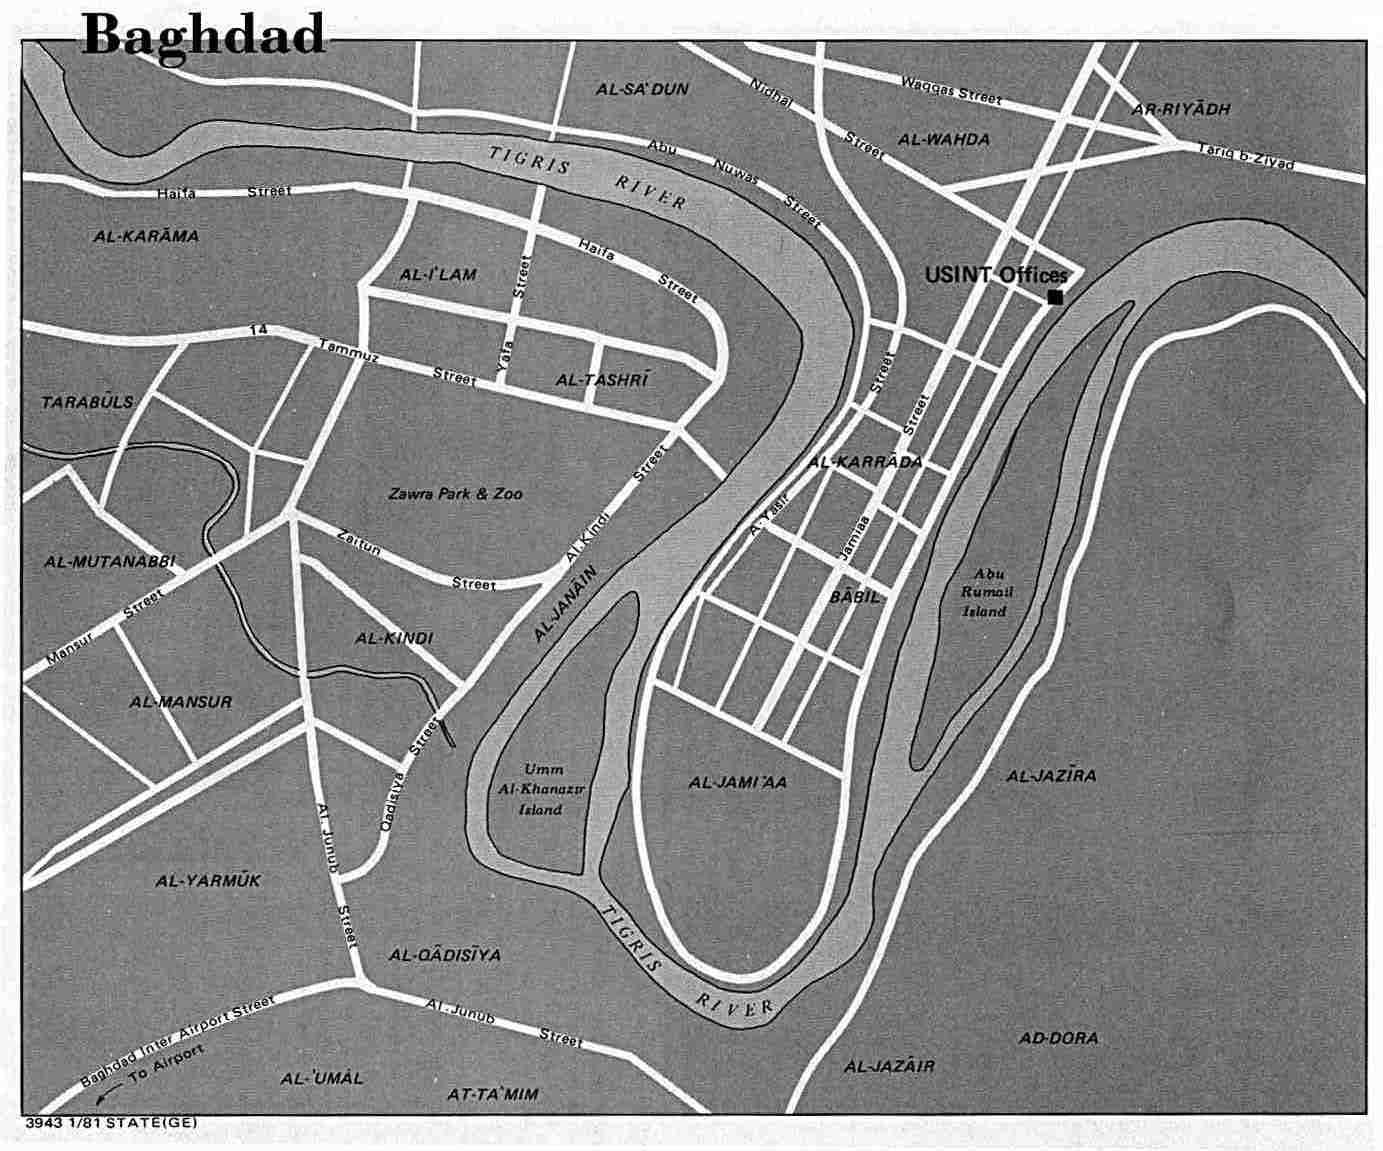 Mapa de Bagdad 1981